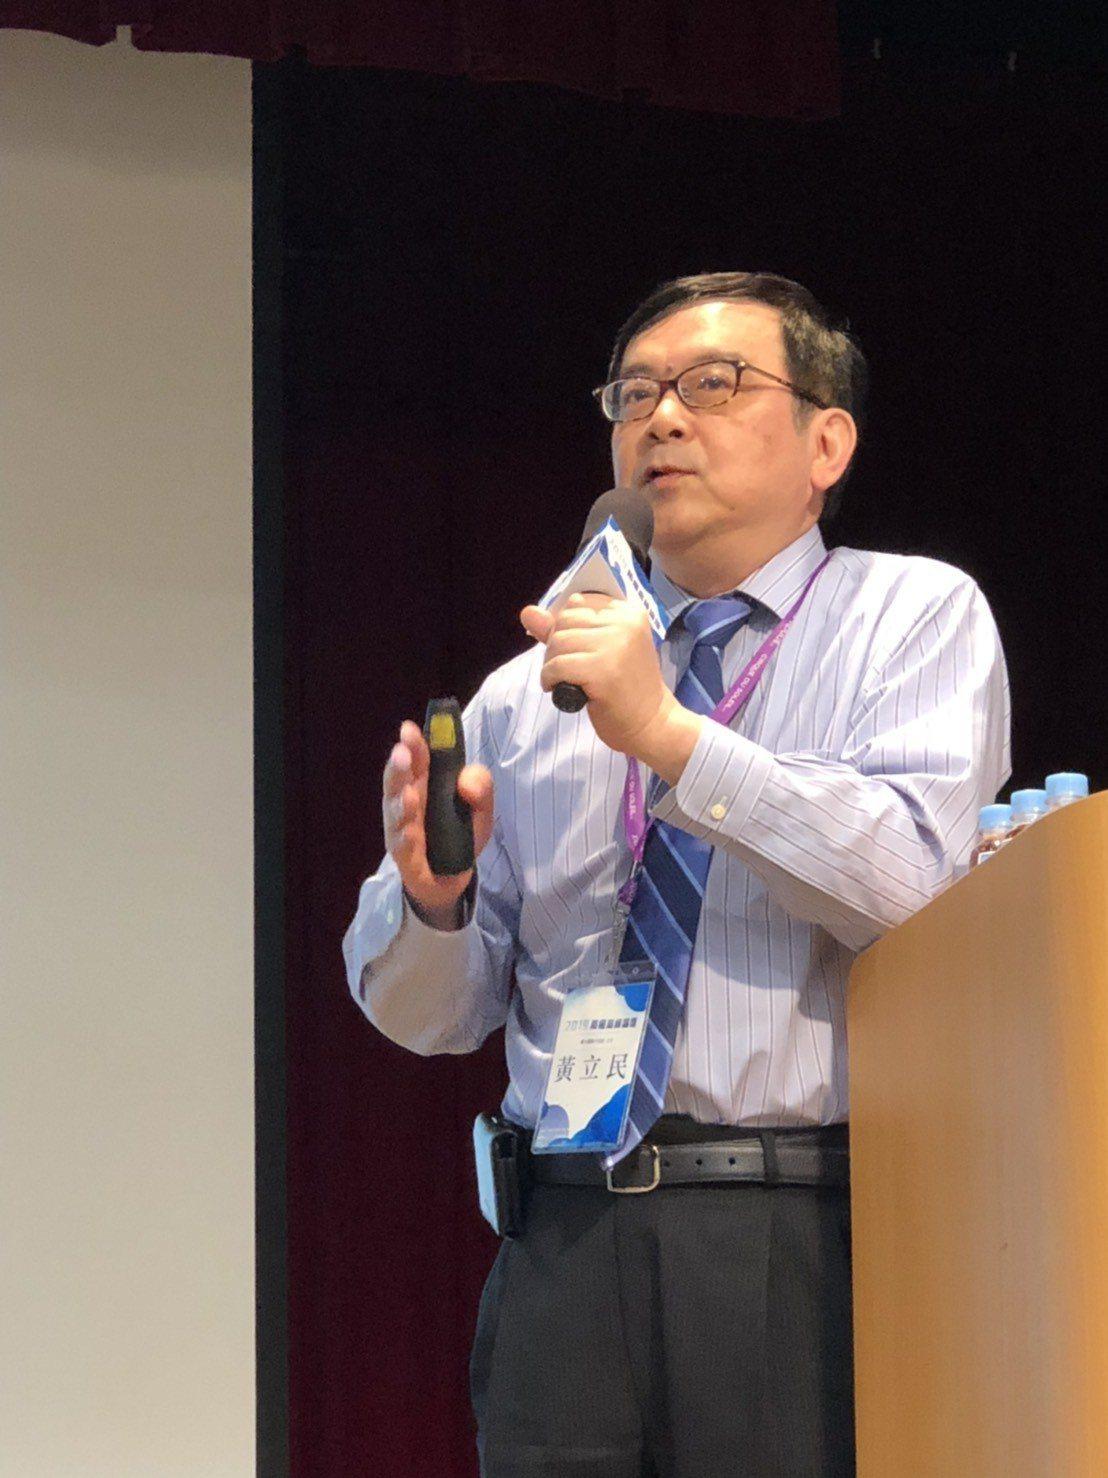 台大醫院小兒部主任黃立民(圖)表示,預防病毒就能減少癌症發生率,子宮頸癌病兆都有...